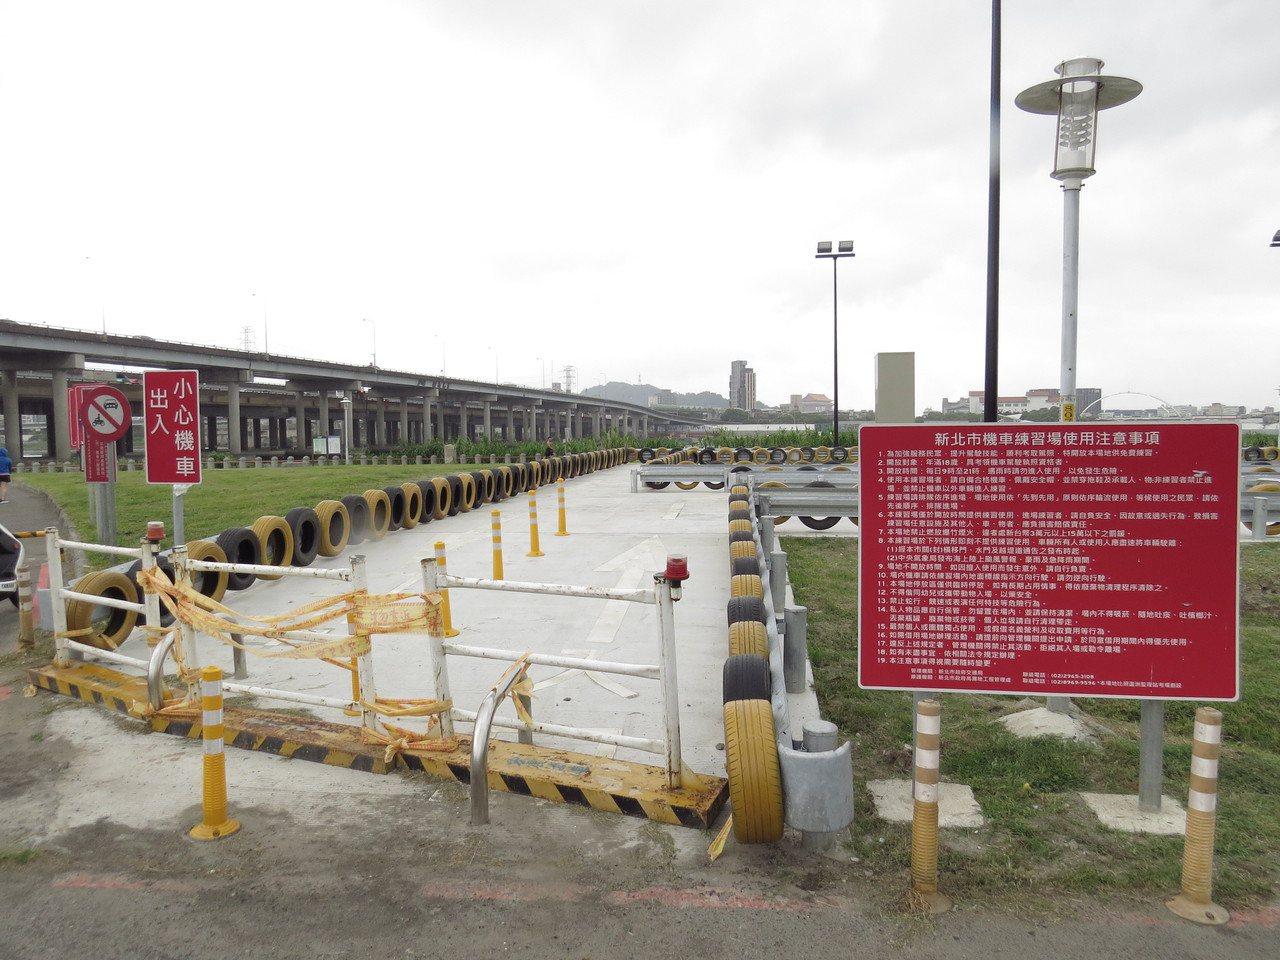 三重區淡水河畔機車練習場因還未驗收工程及整理環境,預計10月底才會開放使用。圖/...